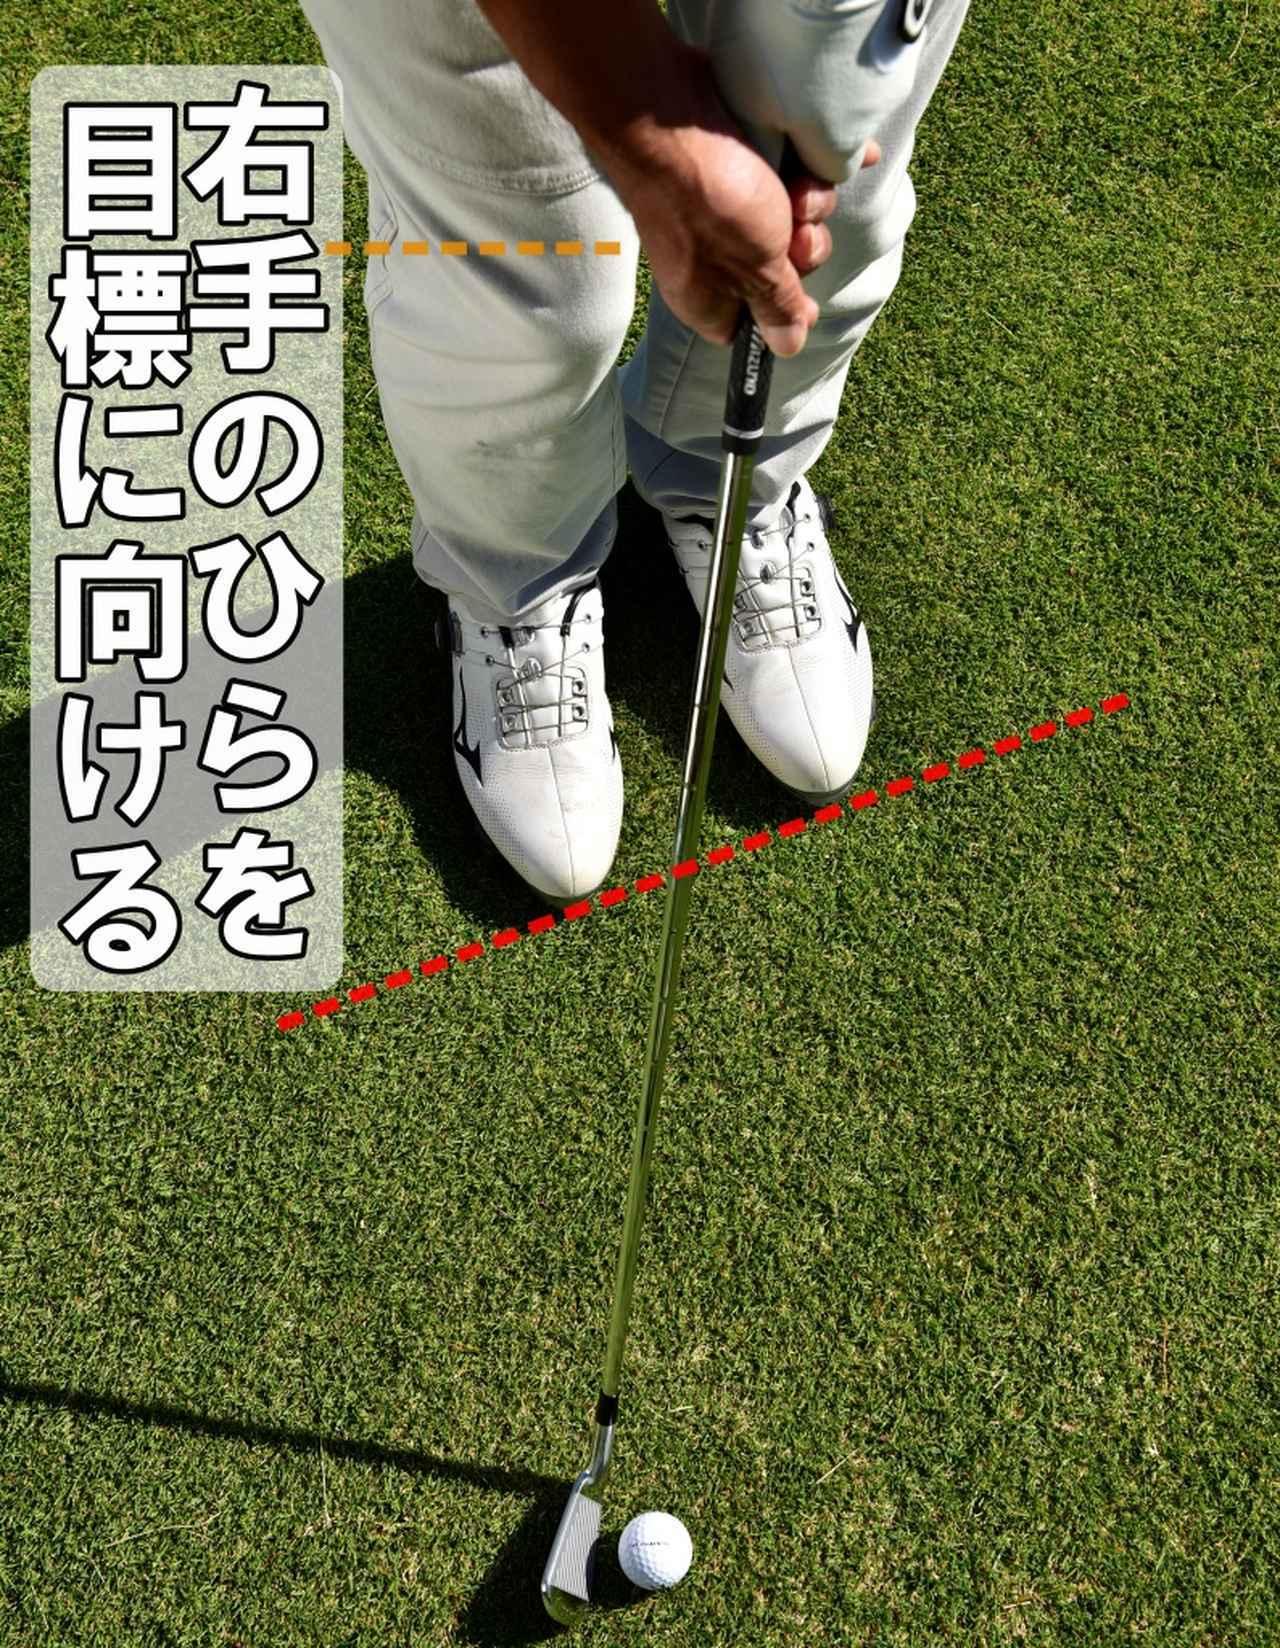 画像: 右手のひらは目標に向け、オープンスタンスで立つ